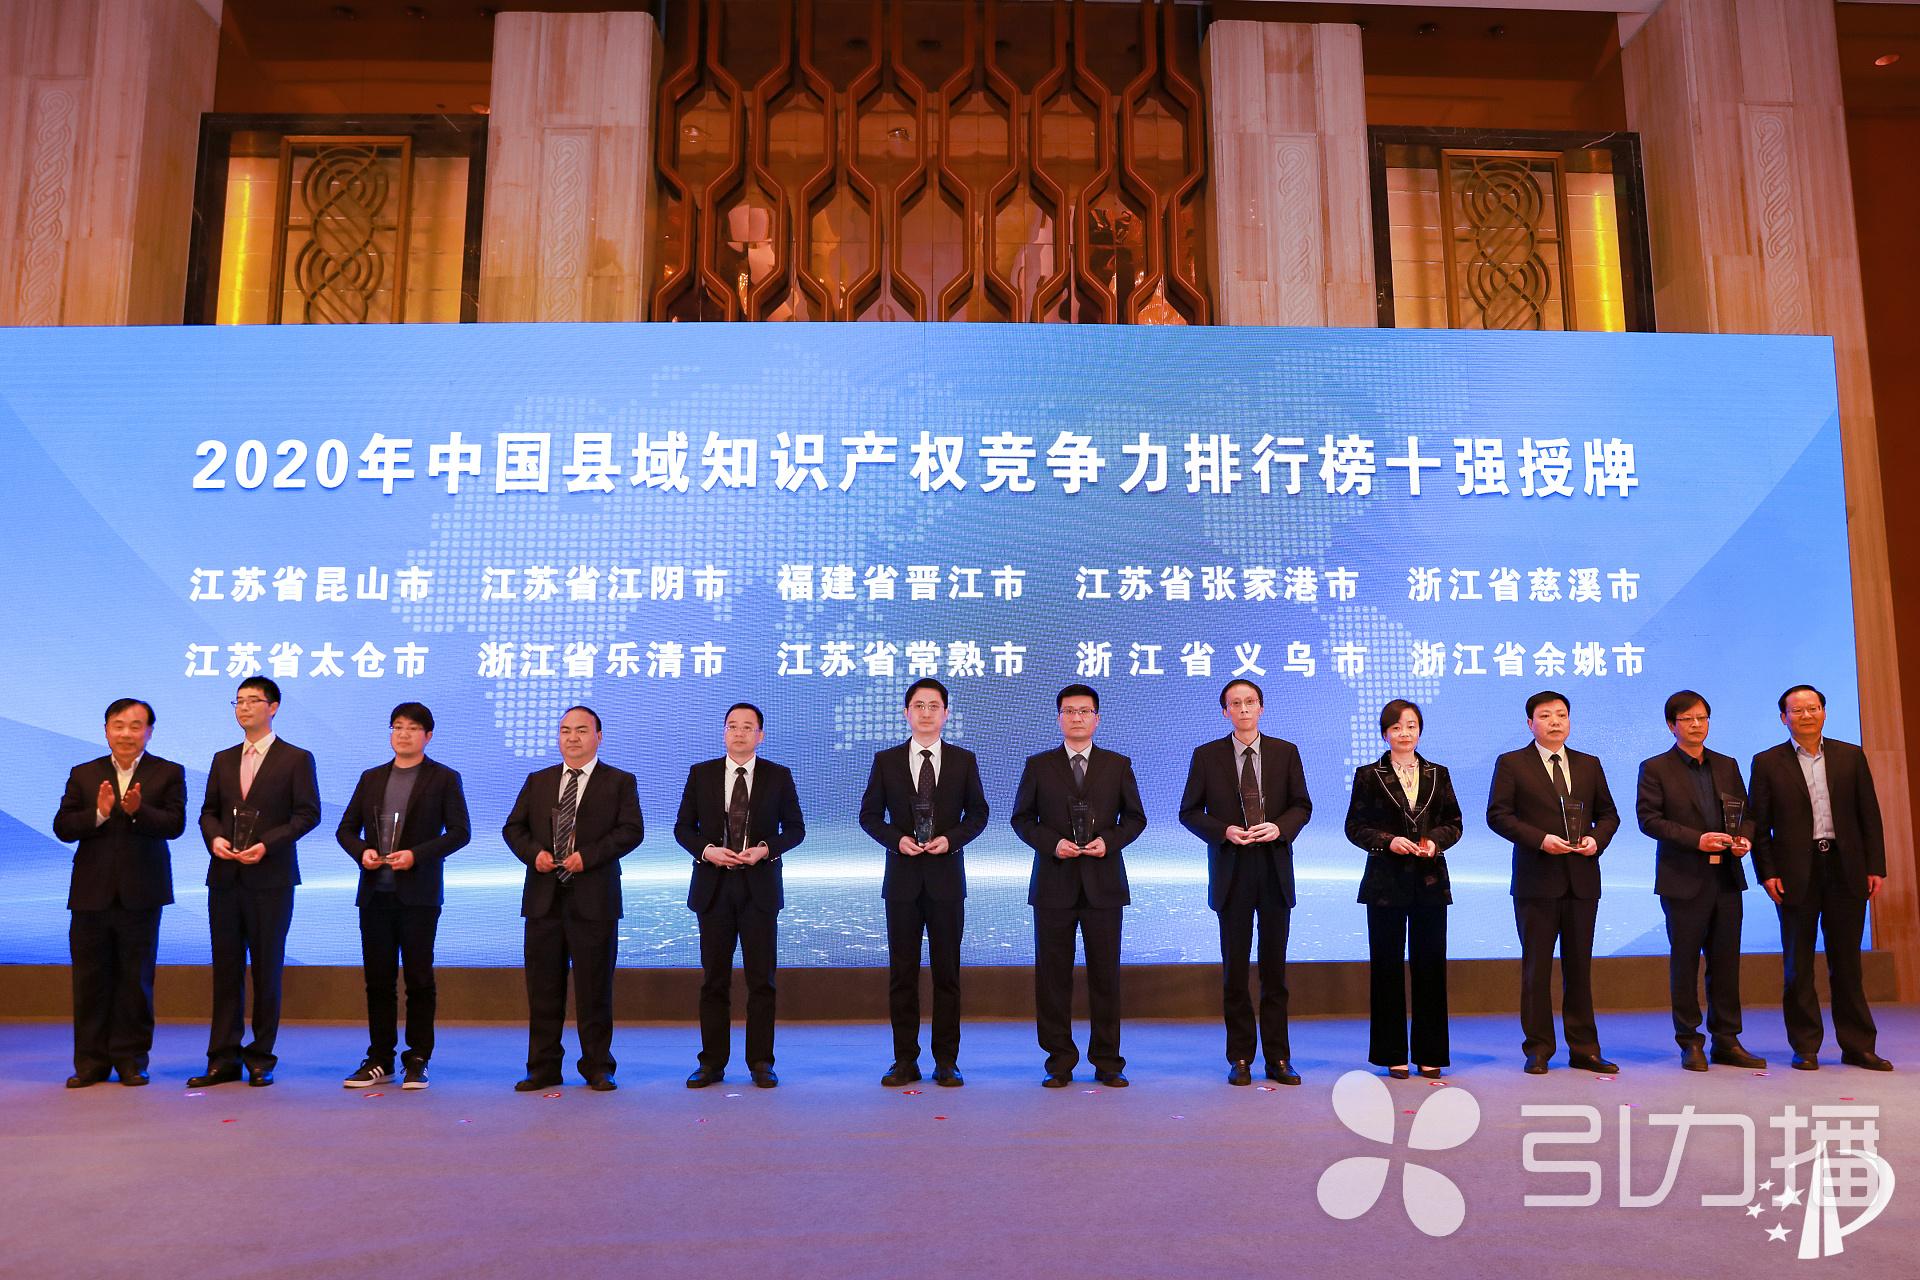 昆山获得中国县域知识产权竞争力第一名